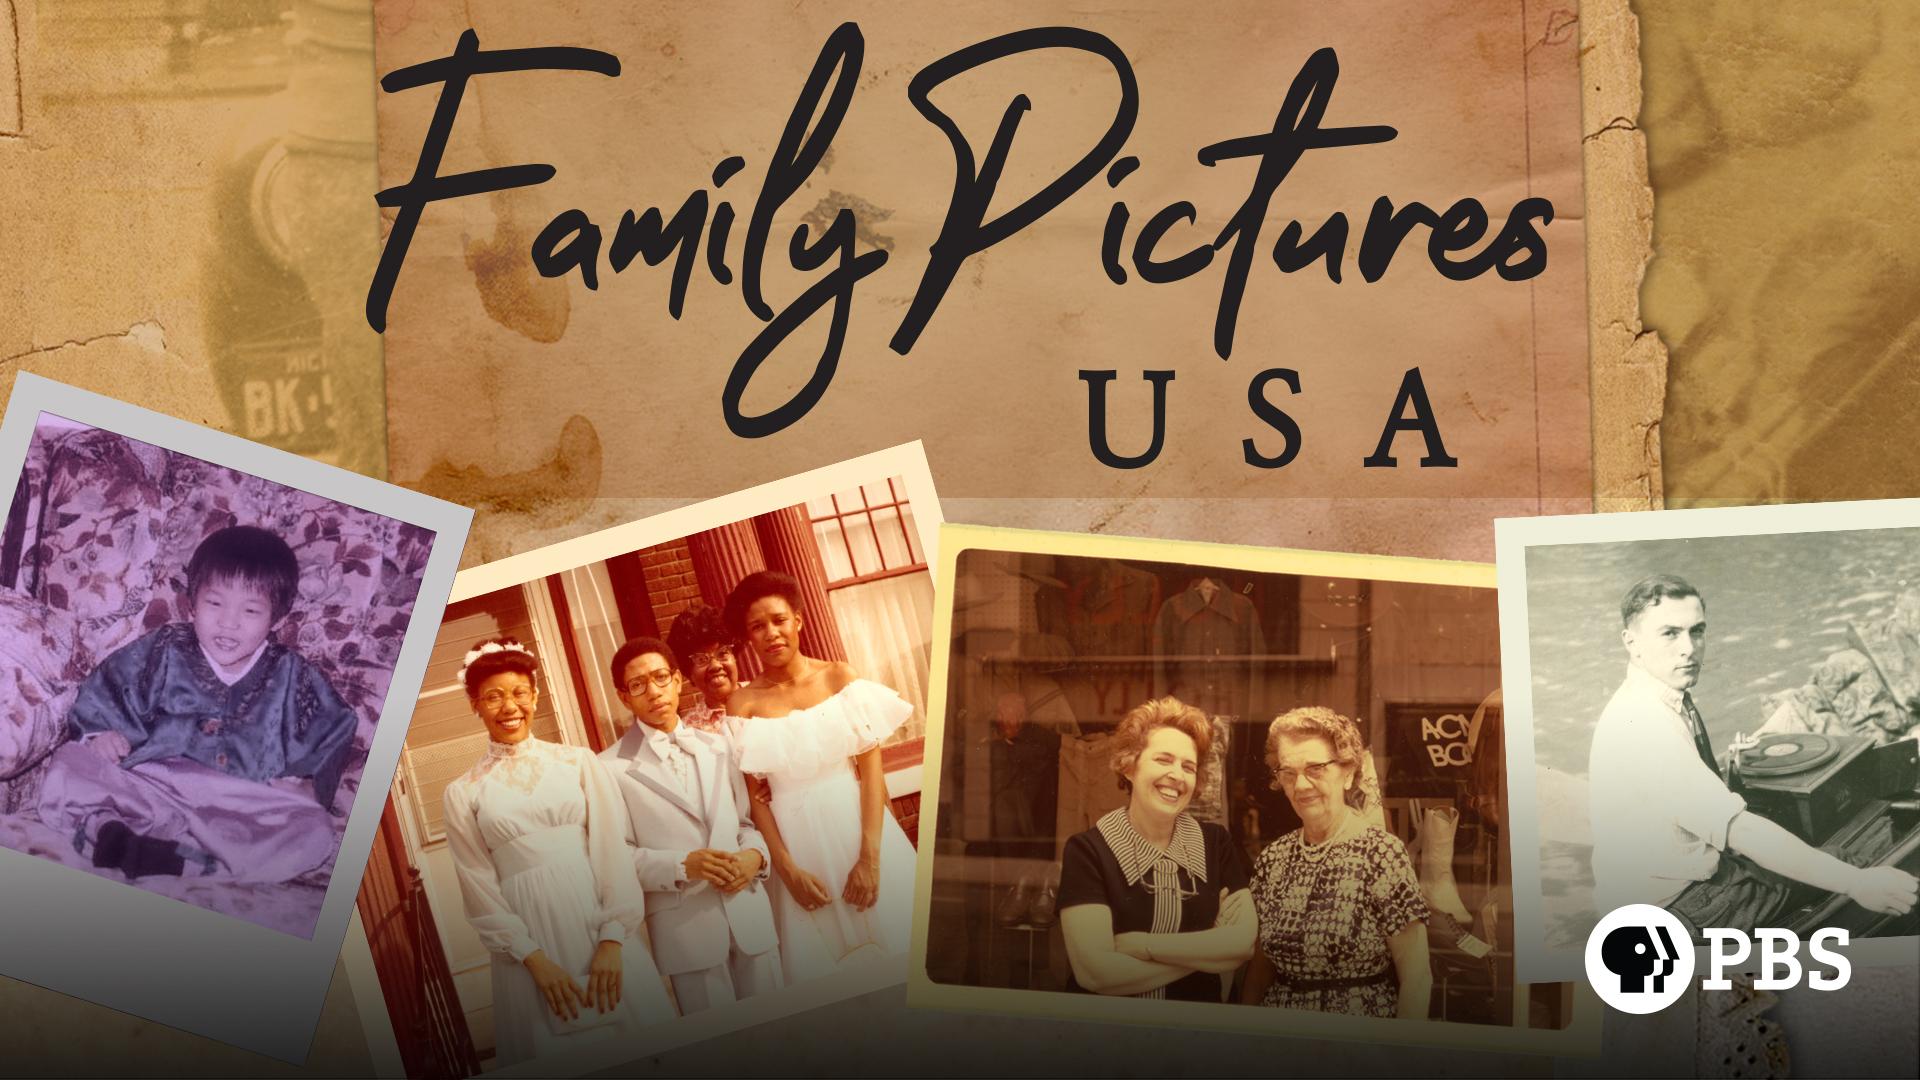 Family Pictures USA: Season 1